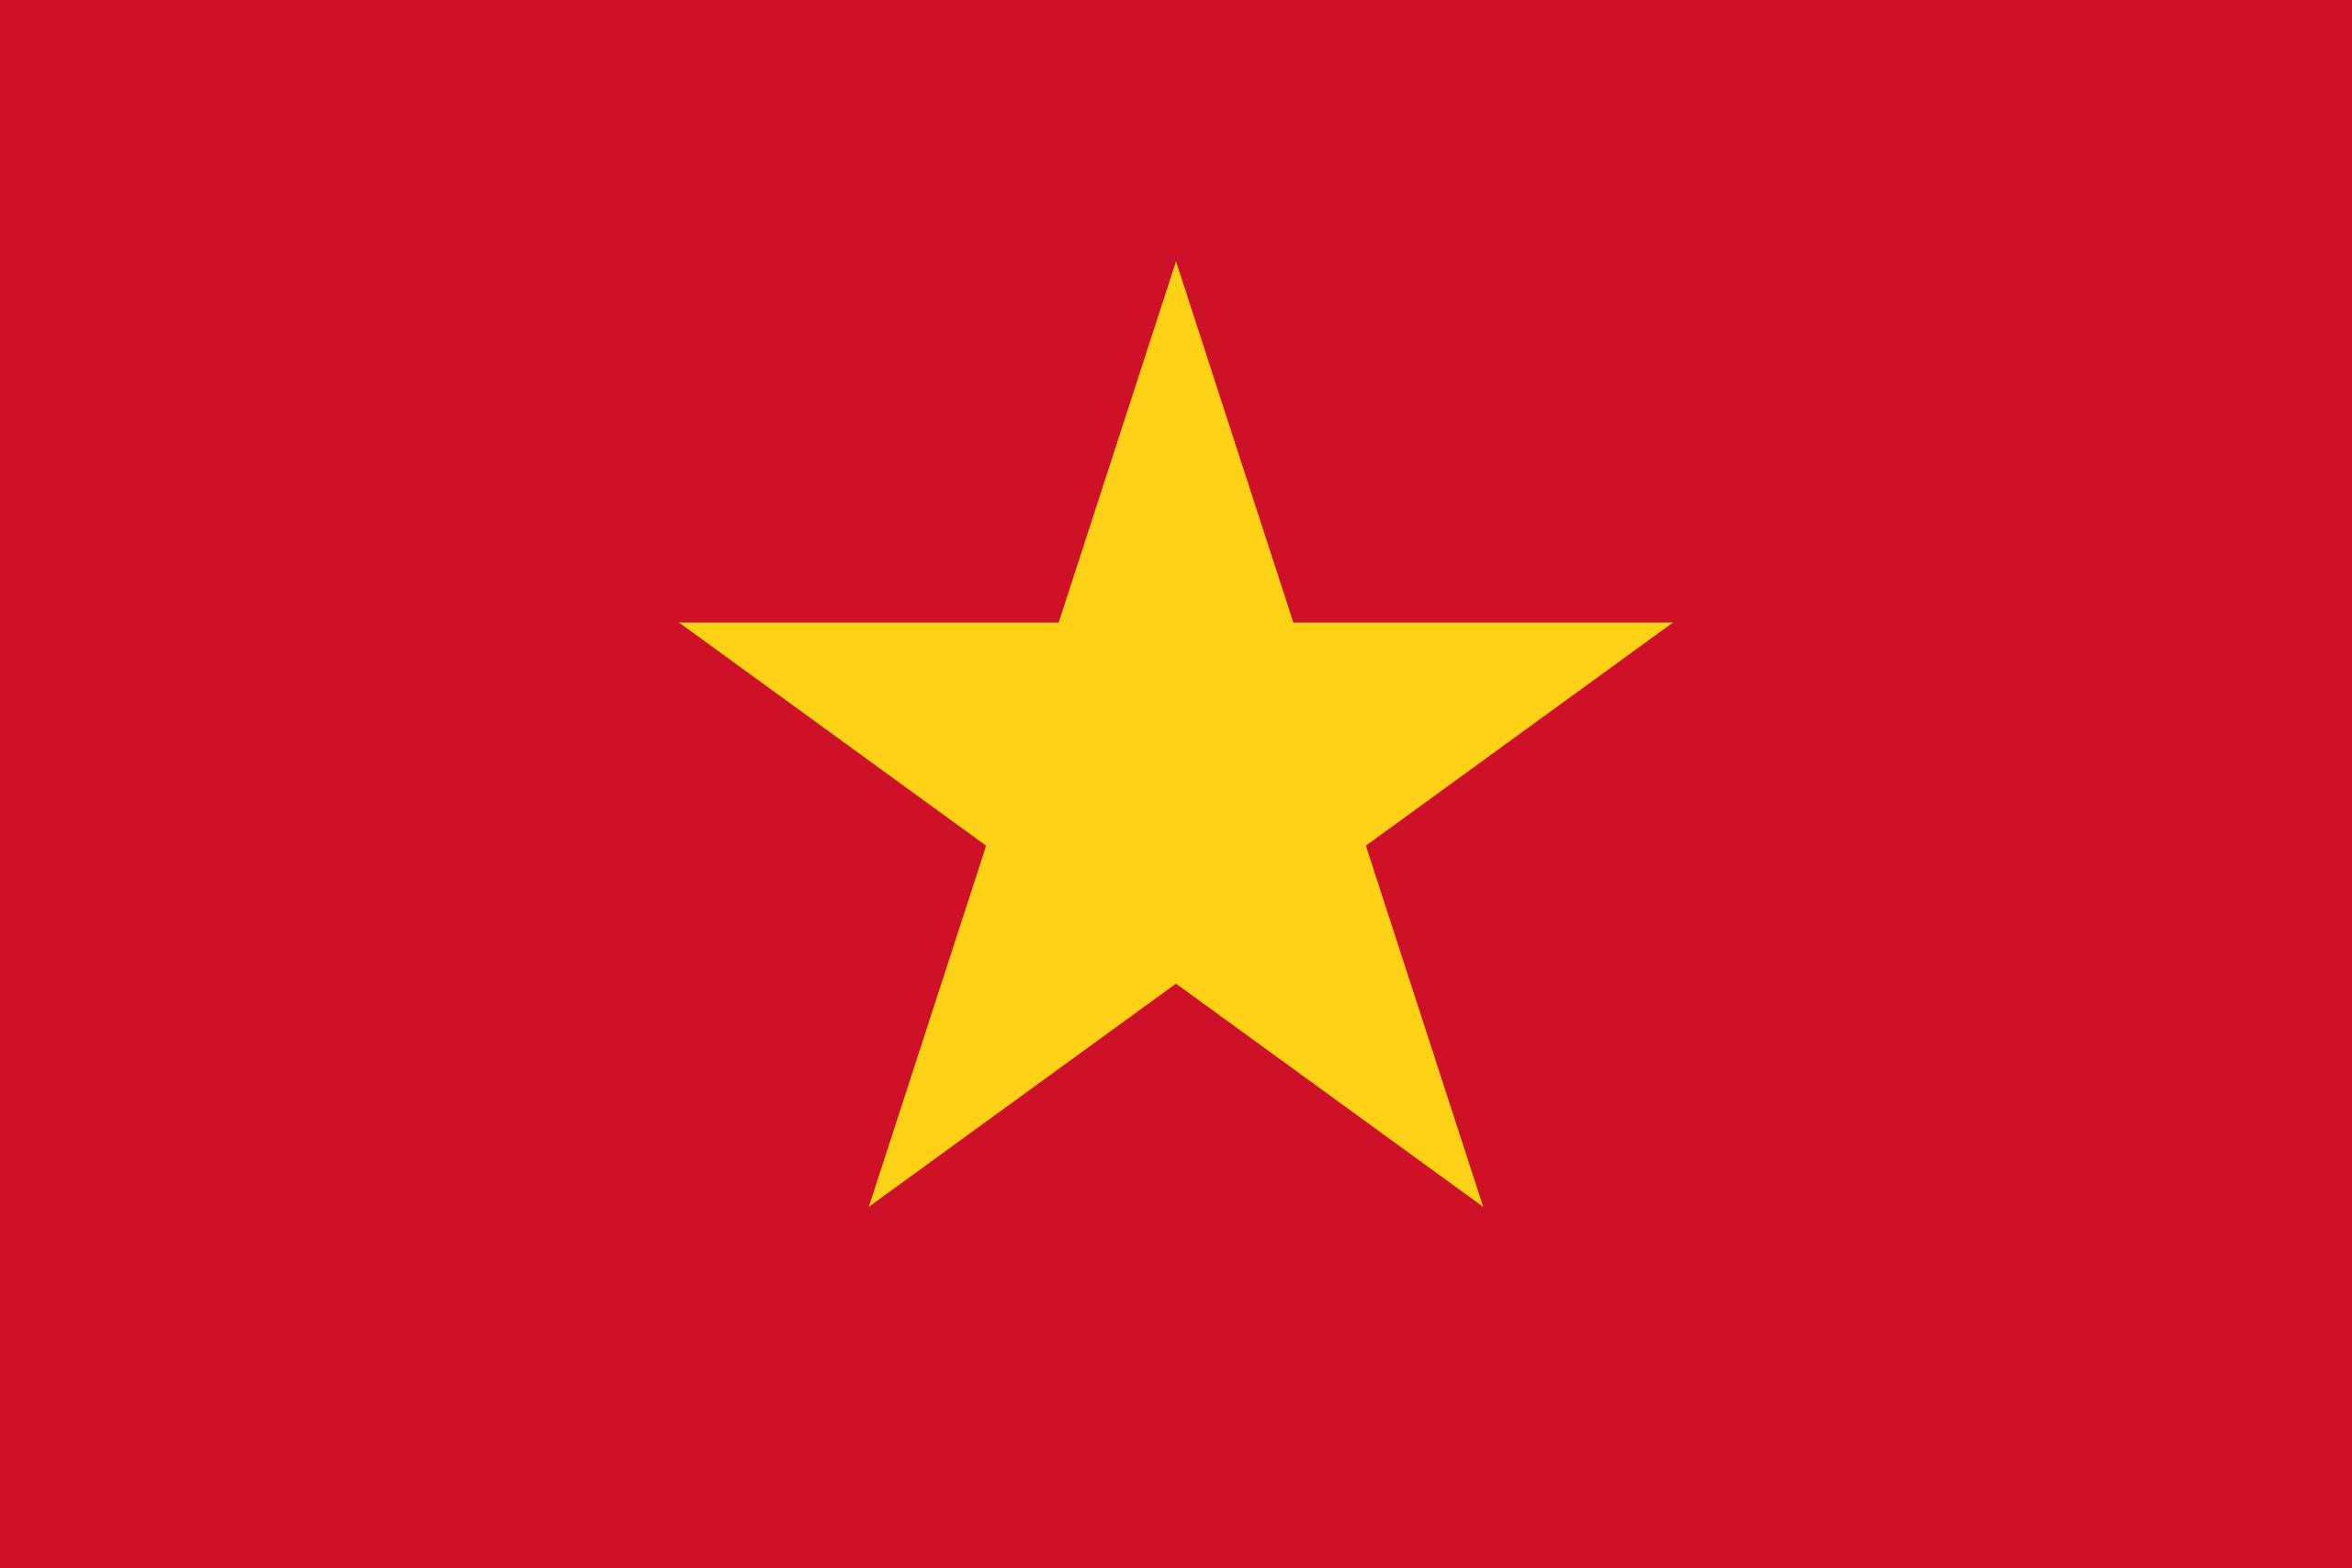 越南, 国家, 会徽, 徽标, 符号 - 高清壁纸 - 教授-falken.com